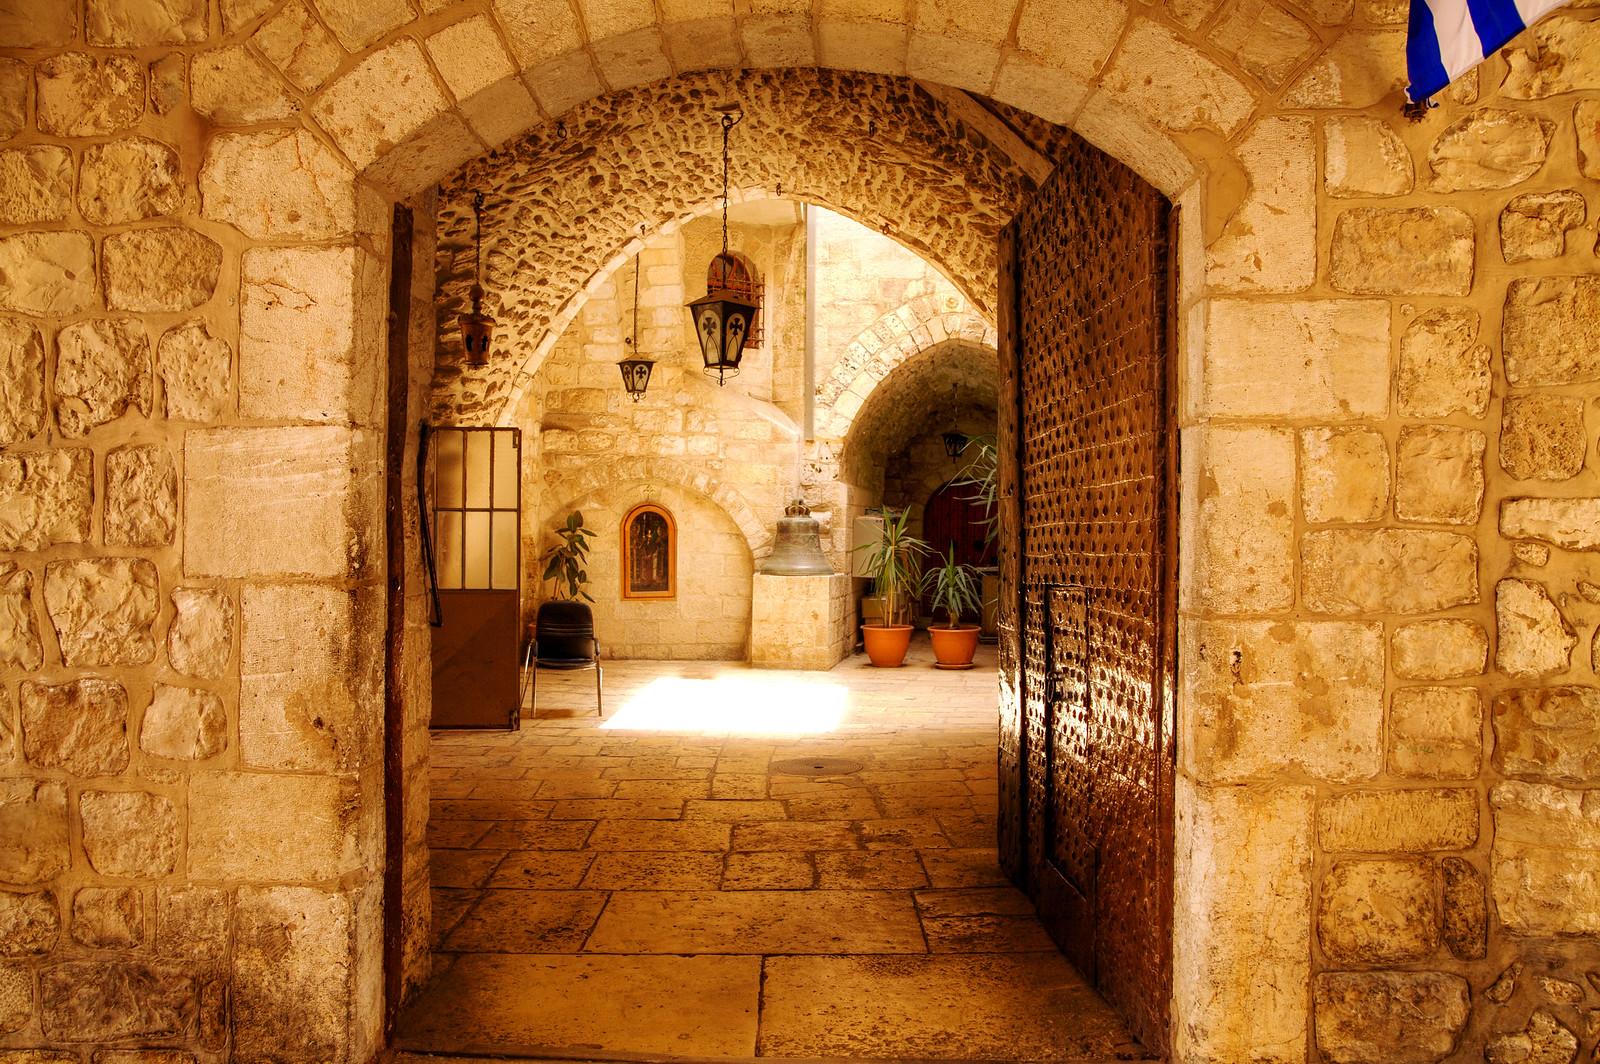 Jerusalem_The Old City_Christian Quarter_Noam Chen_IMOT